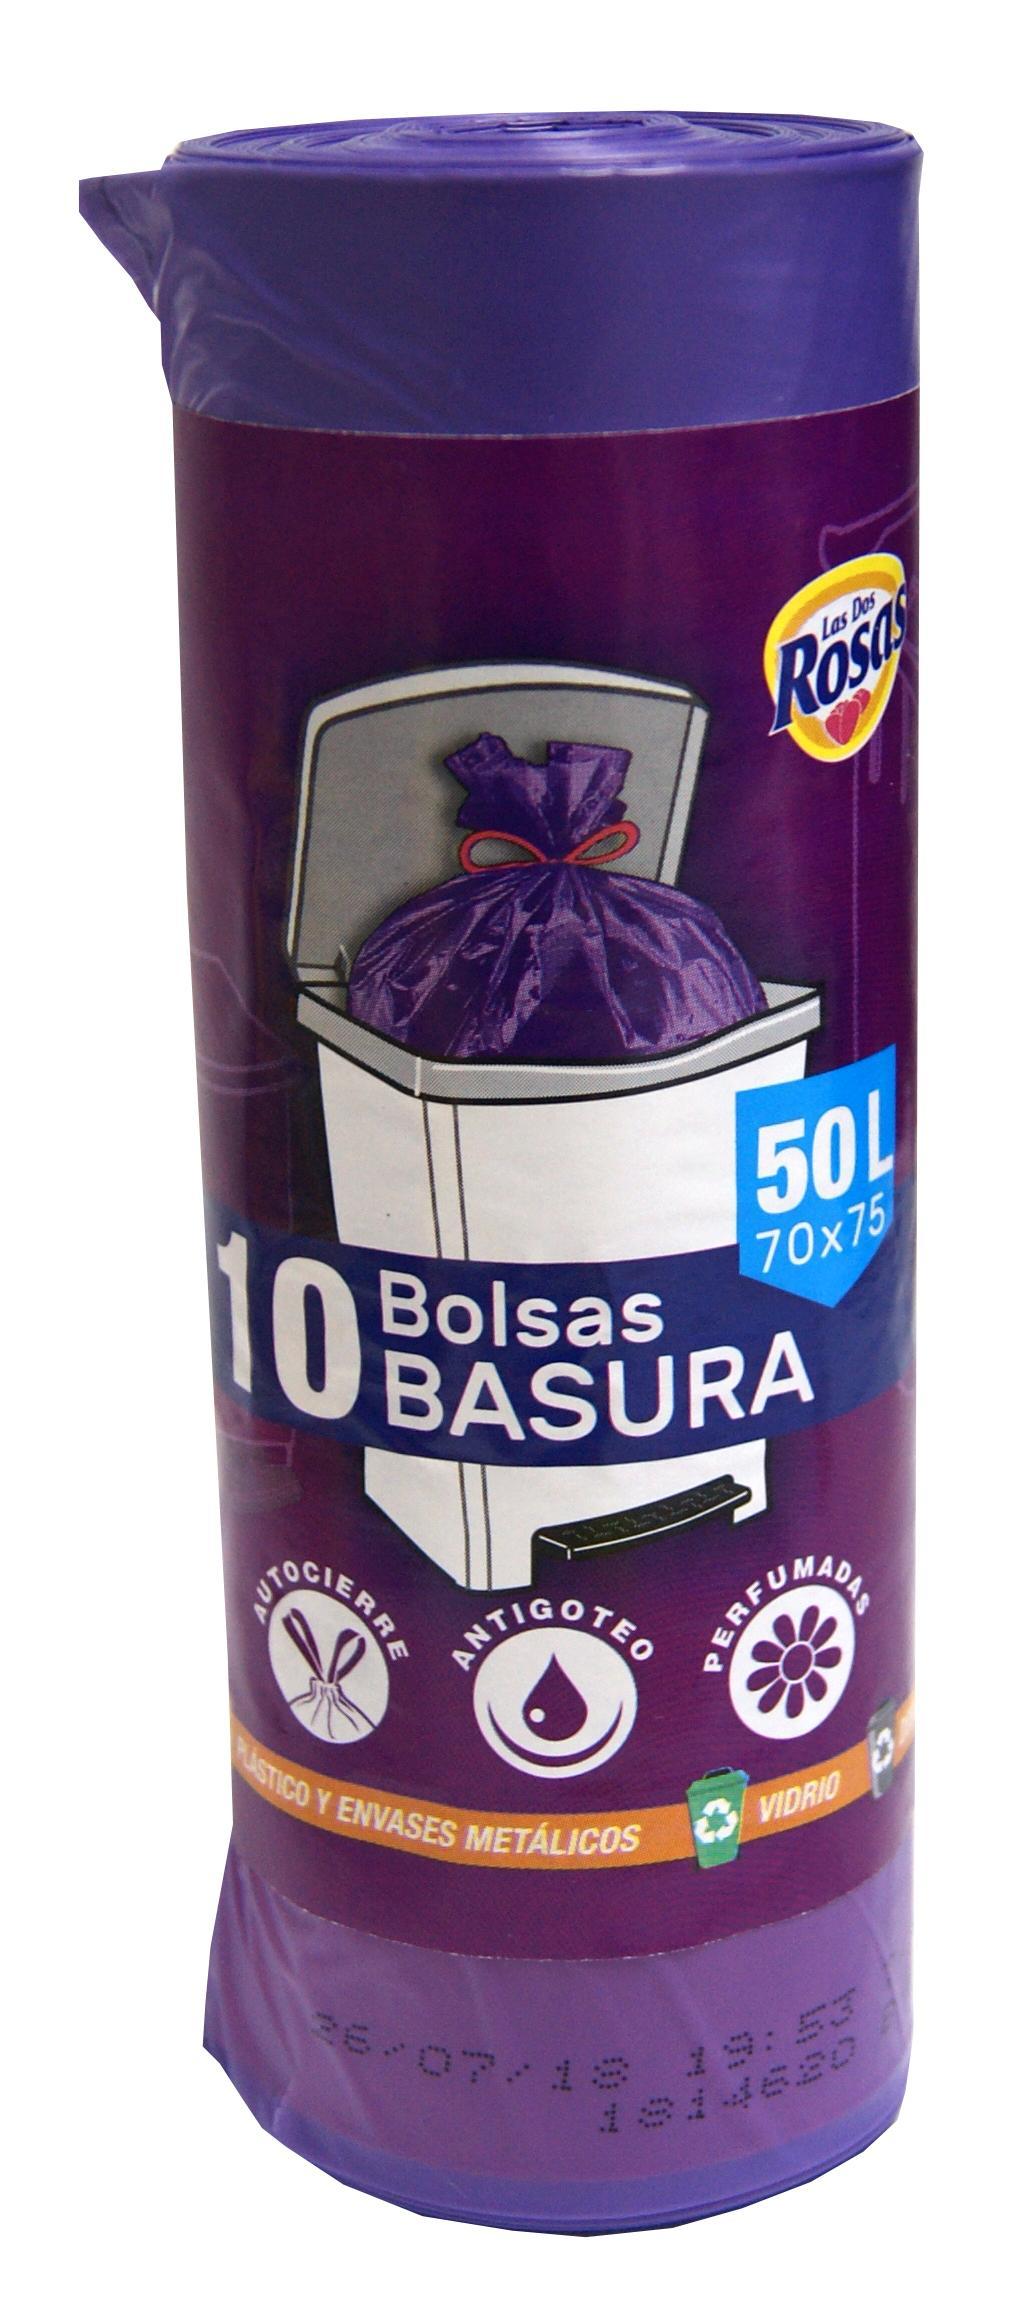 Las 2 Rosas bolsa basura 50L 10u